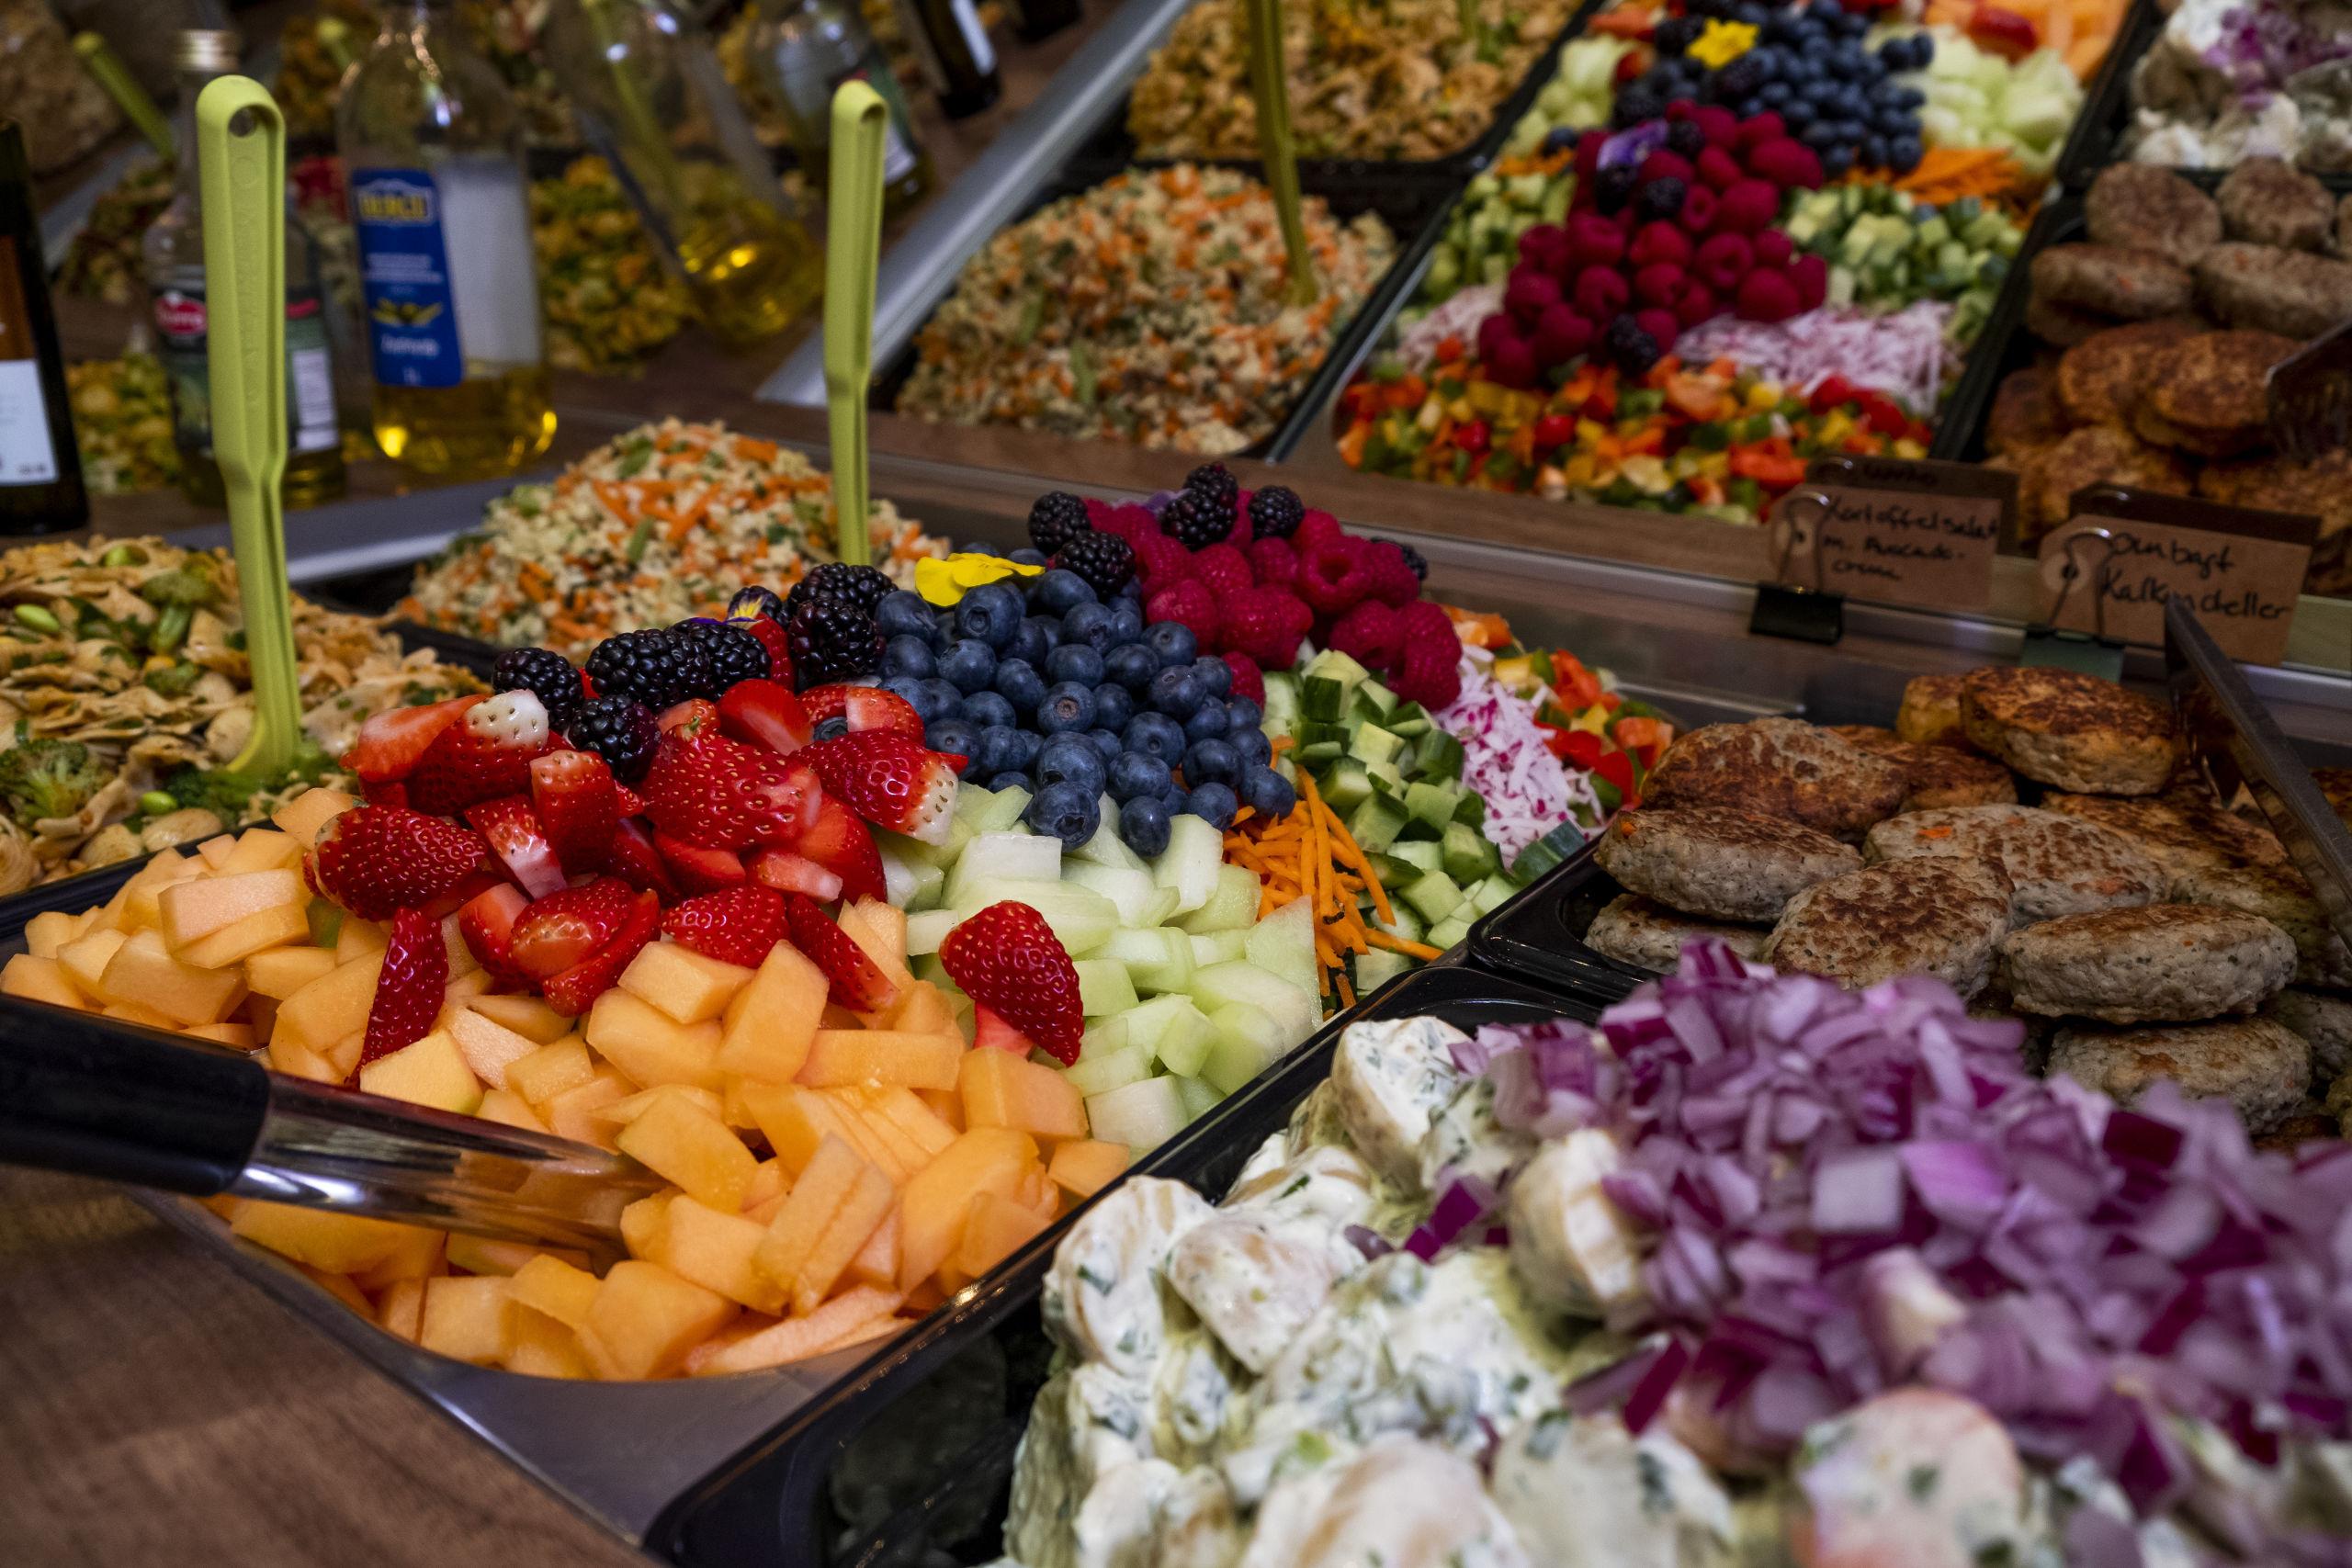 Salatbaren er et kæmpe hit, og Sameh elsker at eksperimentere og lave nye salater. Foto: Lasse Sand